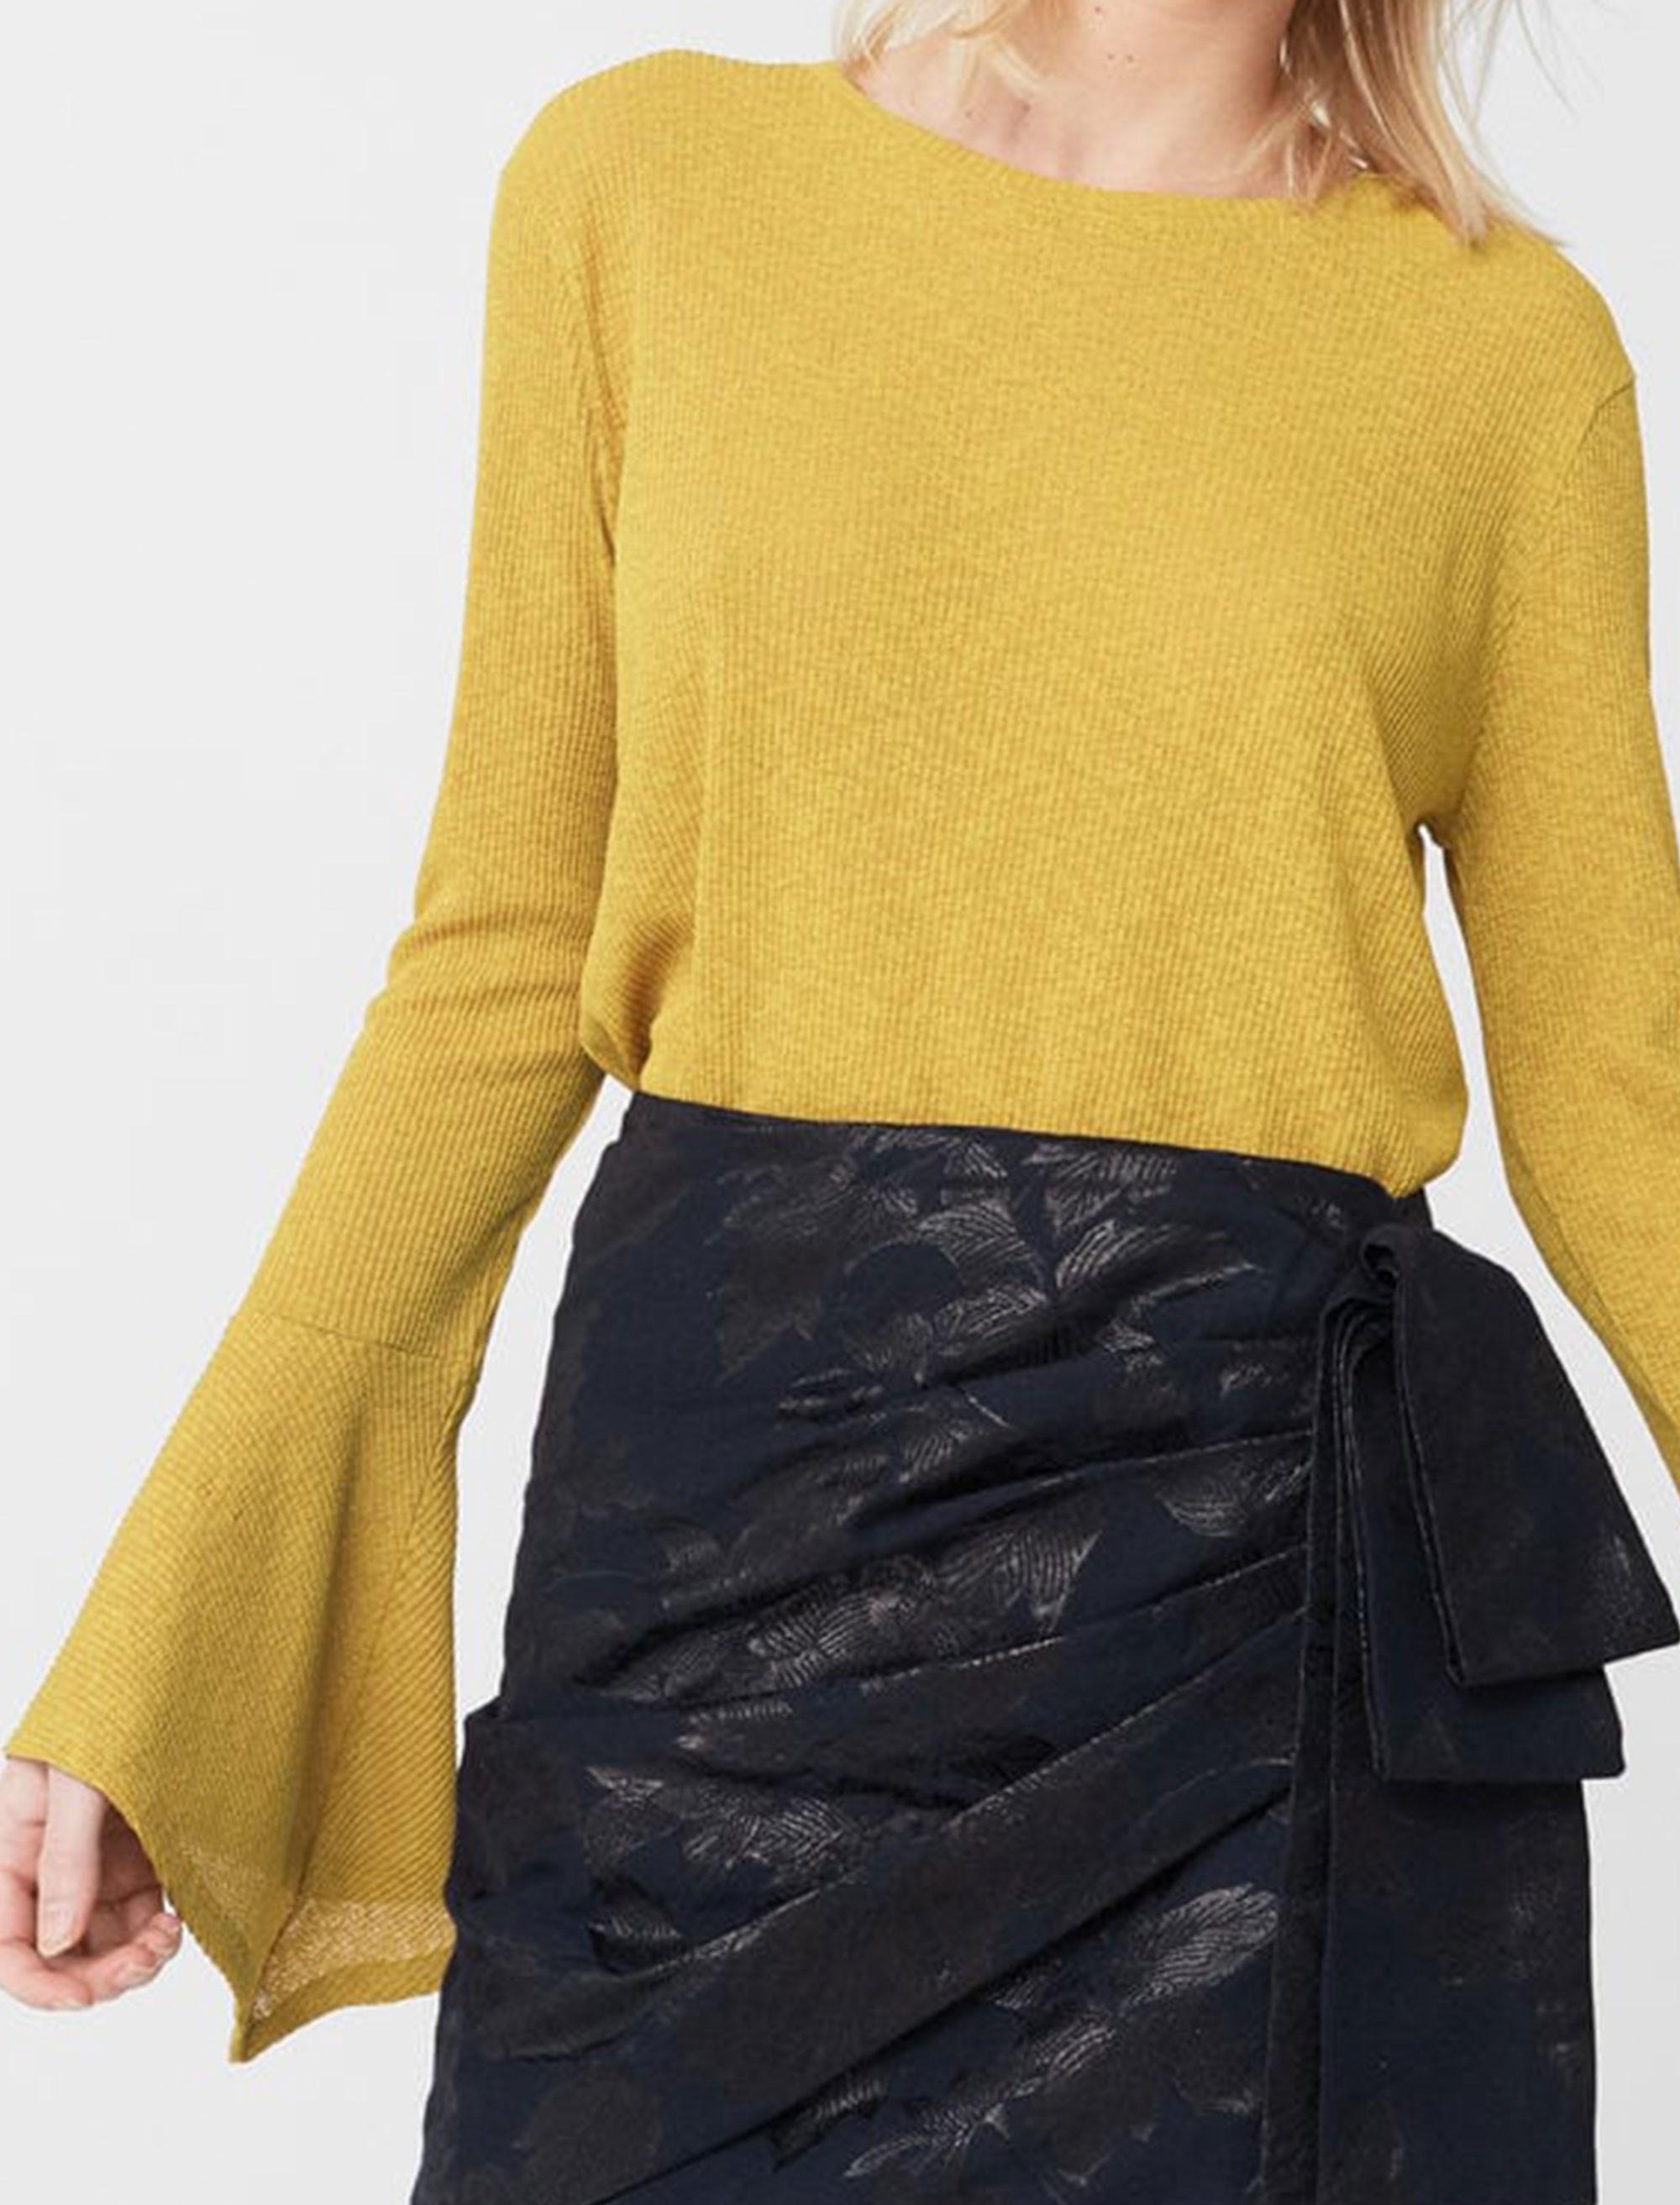 تی شرت یقه گرد زنانه - مانگو - خردلي - 2